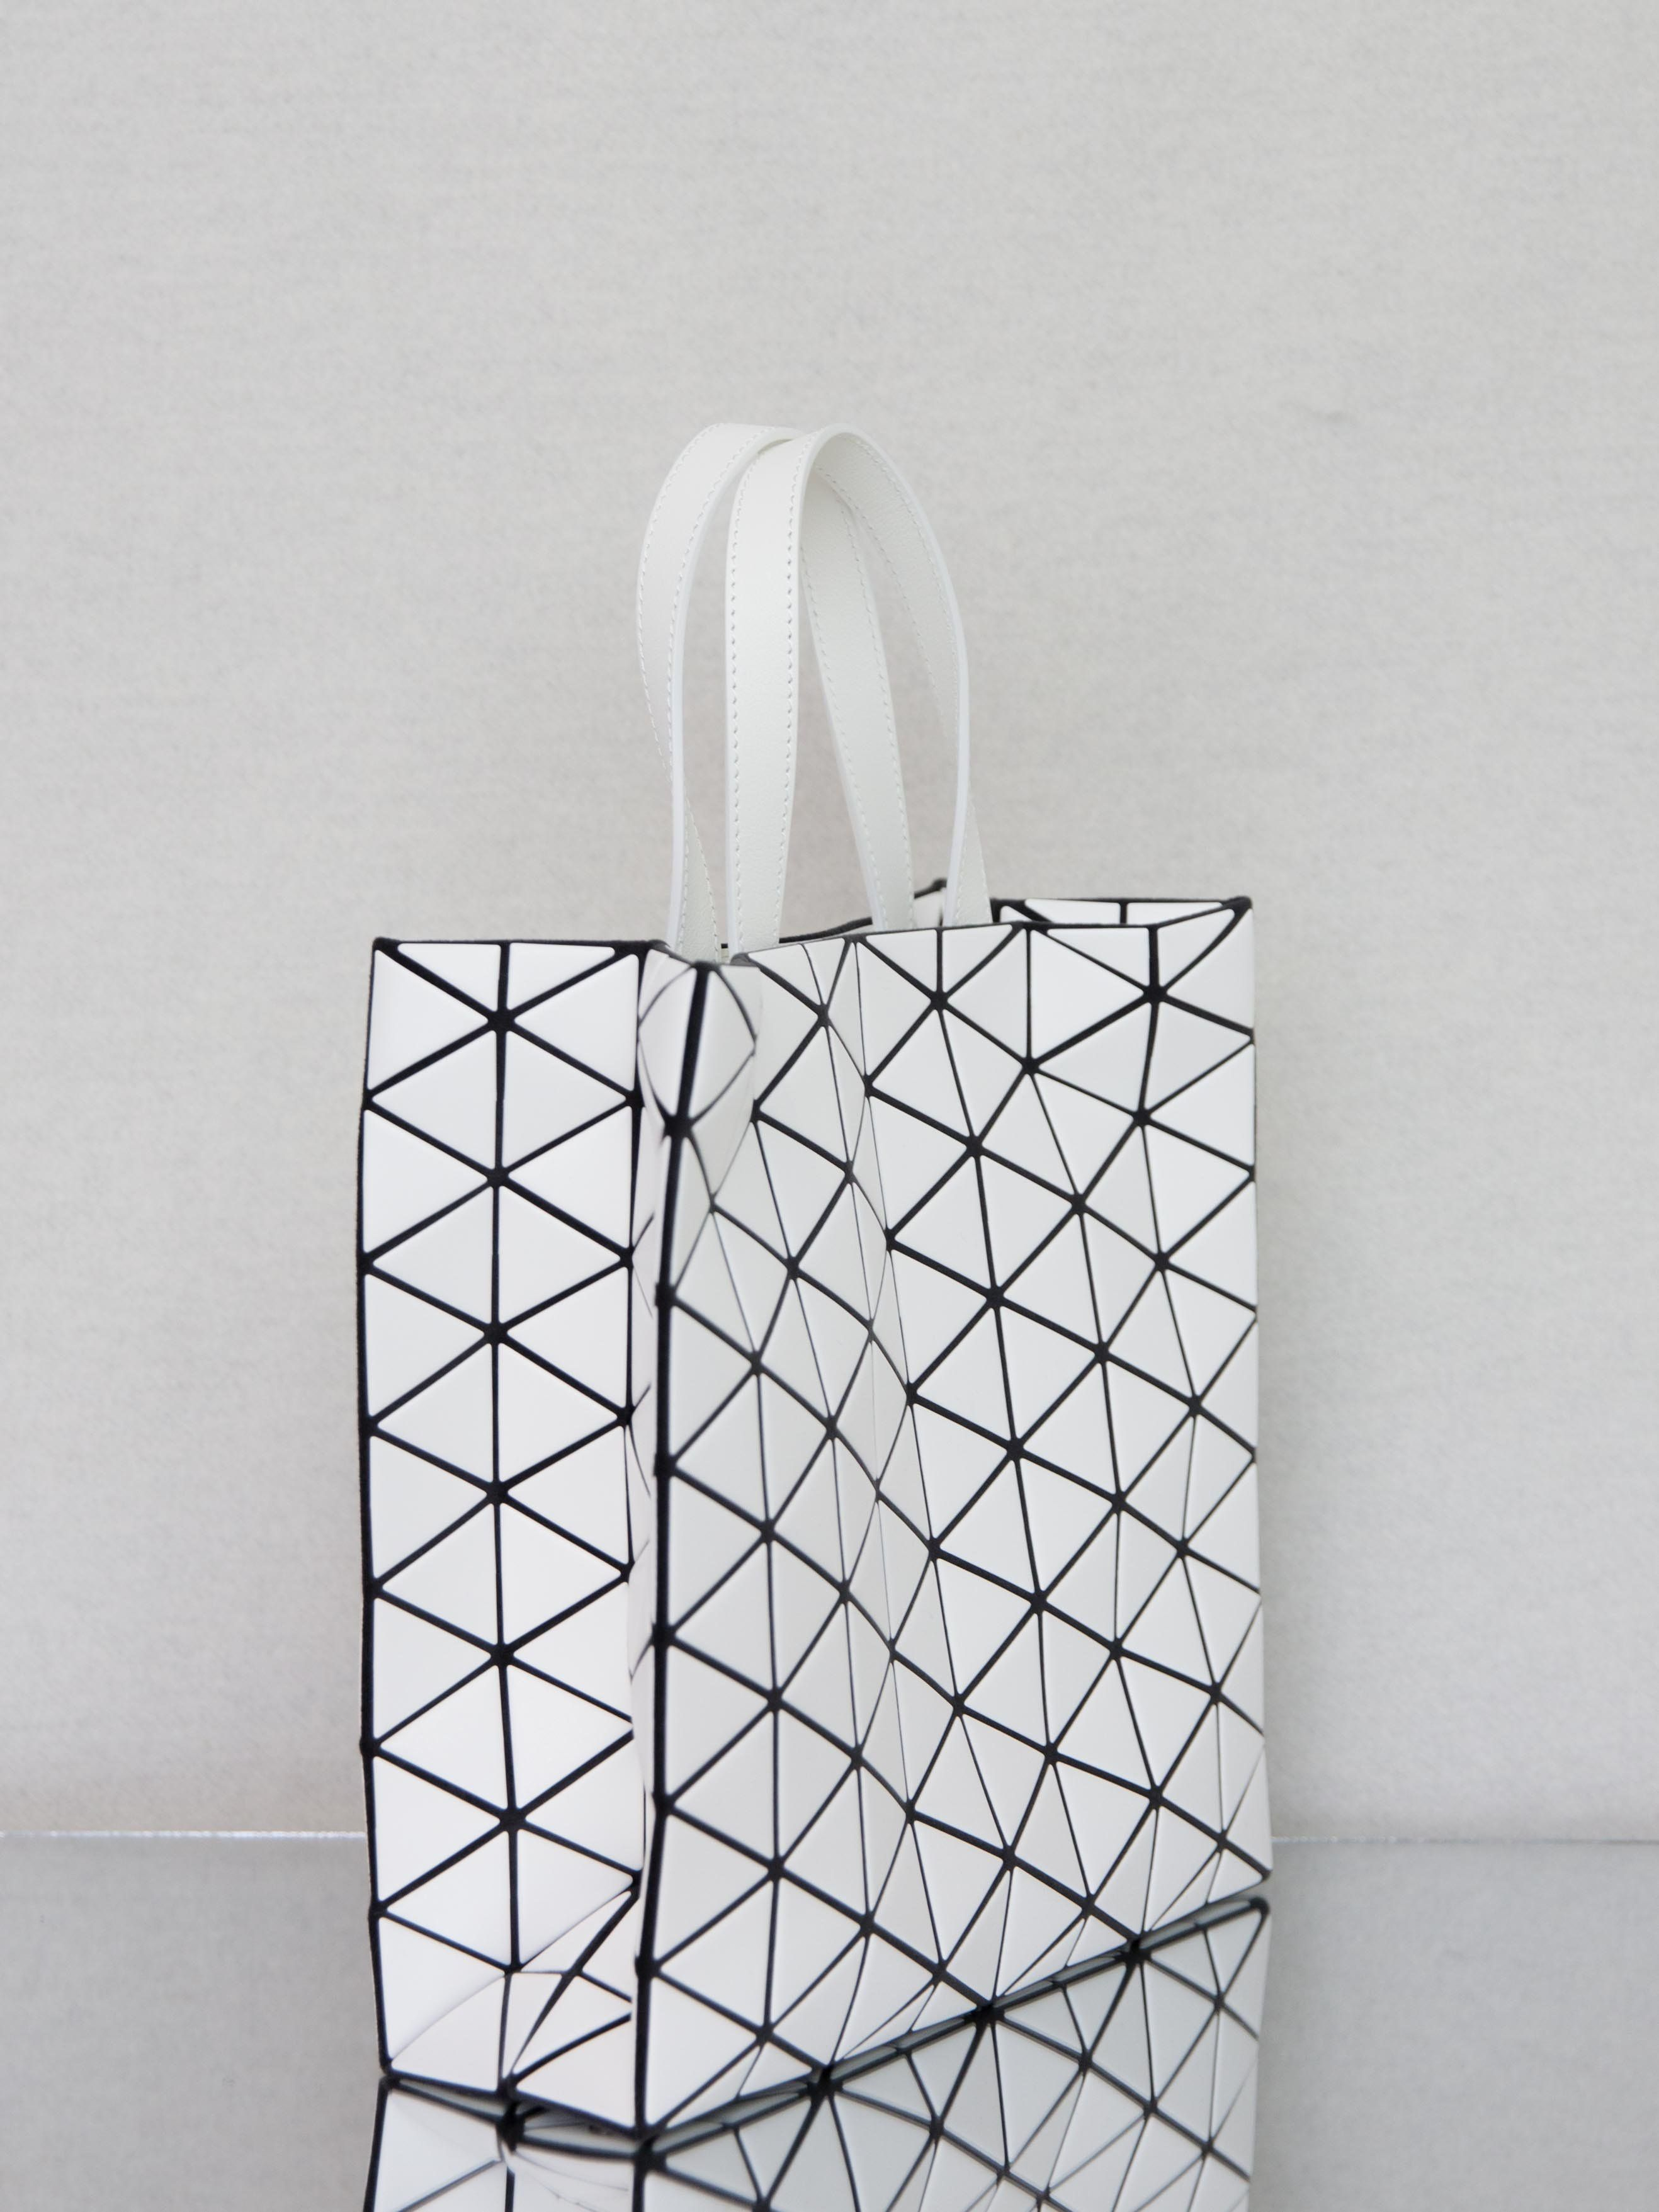 d530379fd392 BAO BAO ISSEY MIYAKE Brick Shoulder Bag